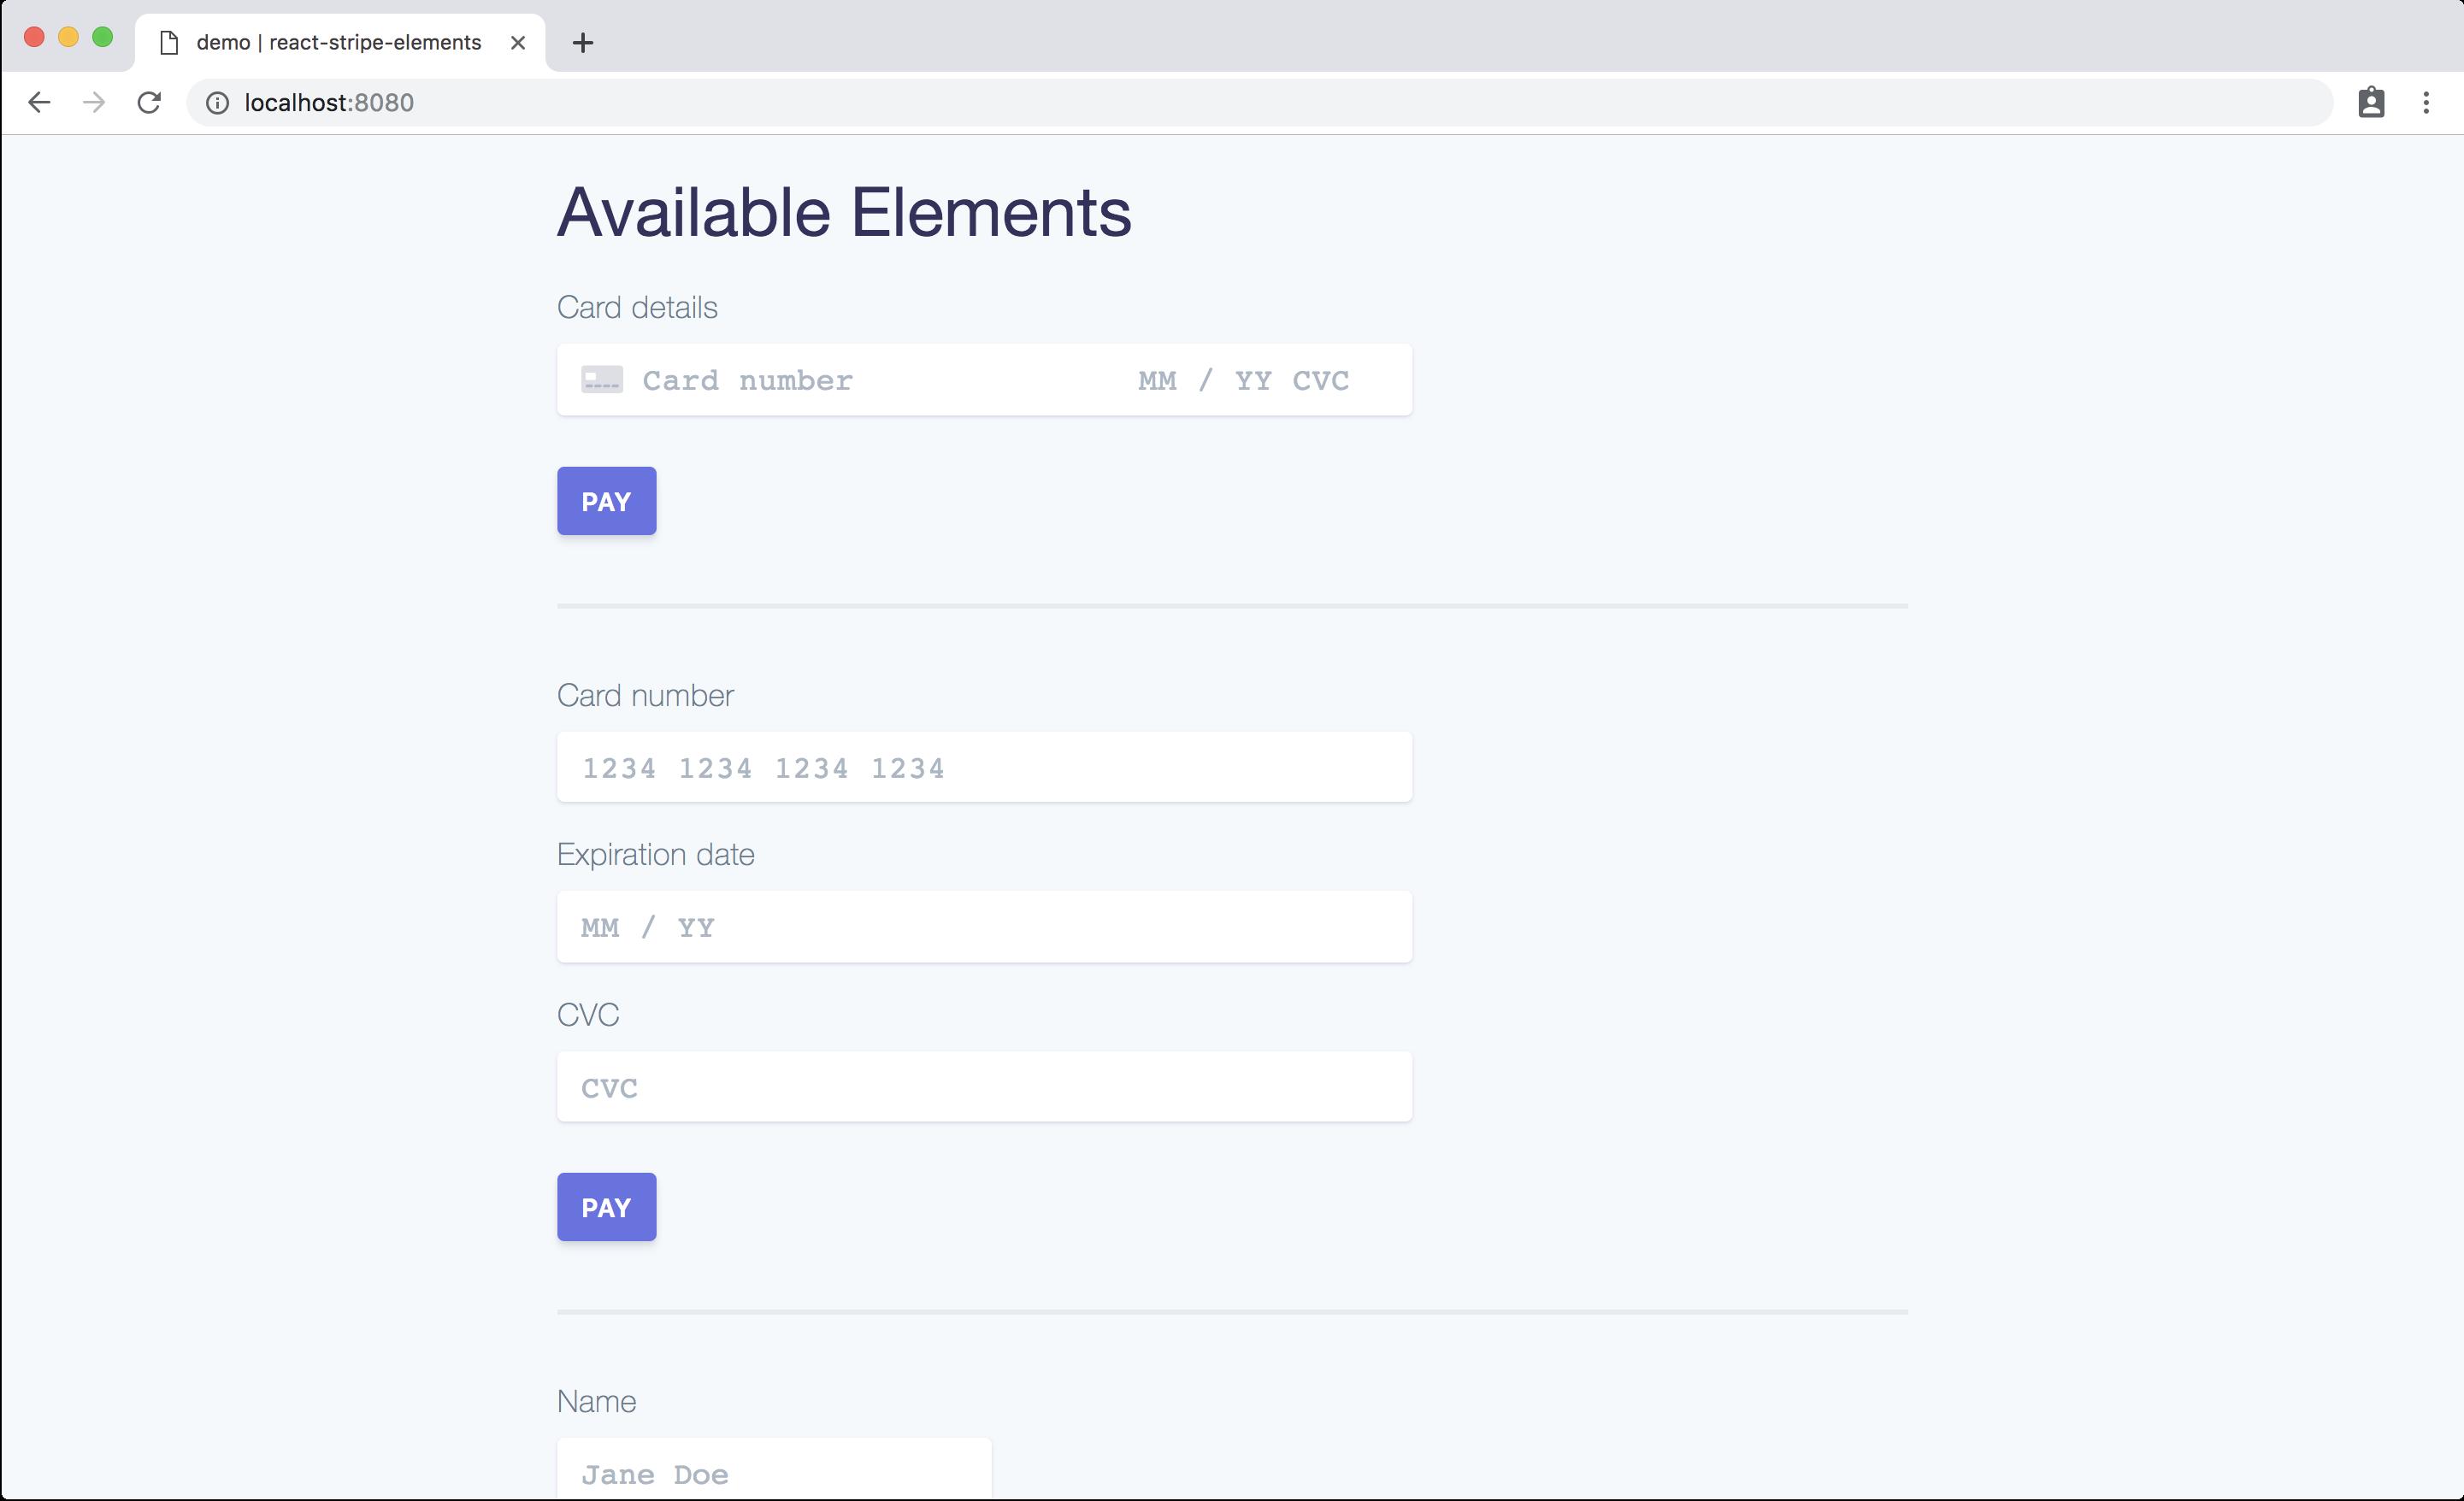 Screenshot of the demo running